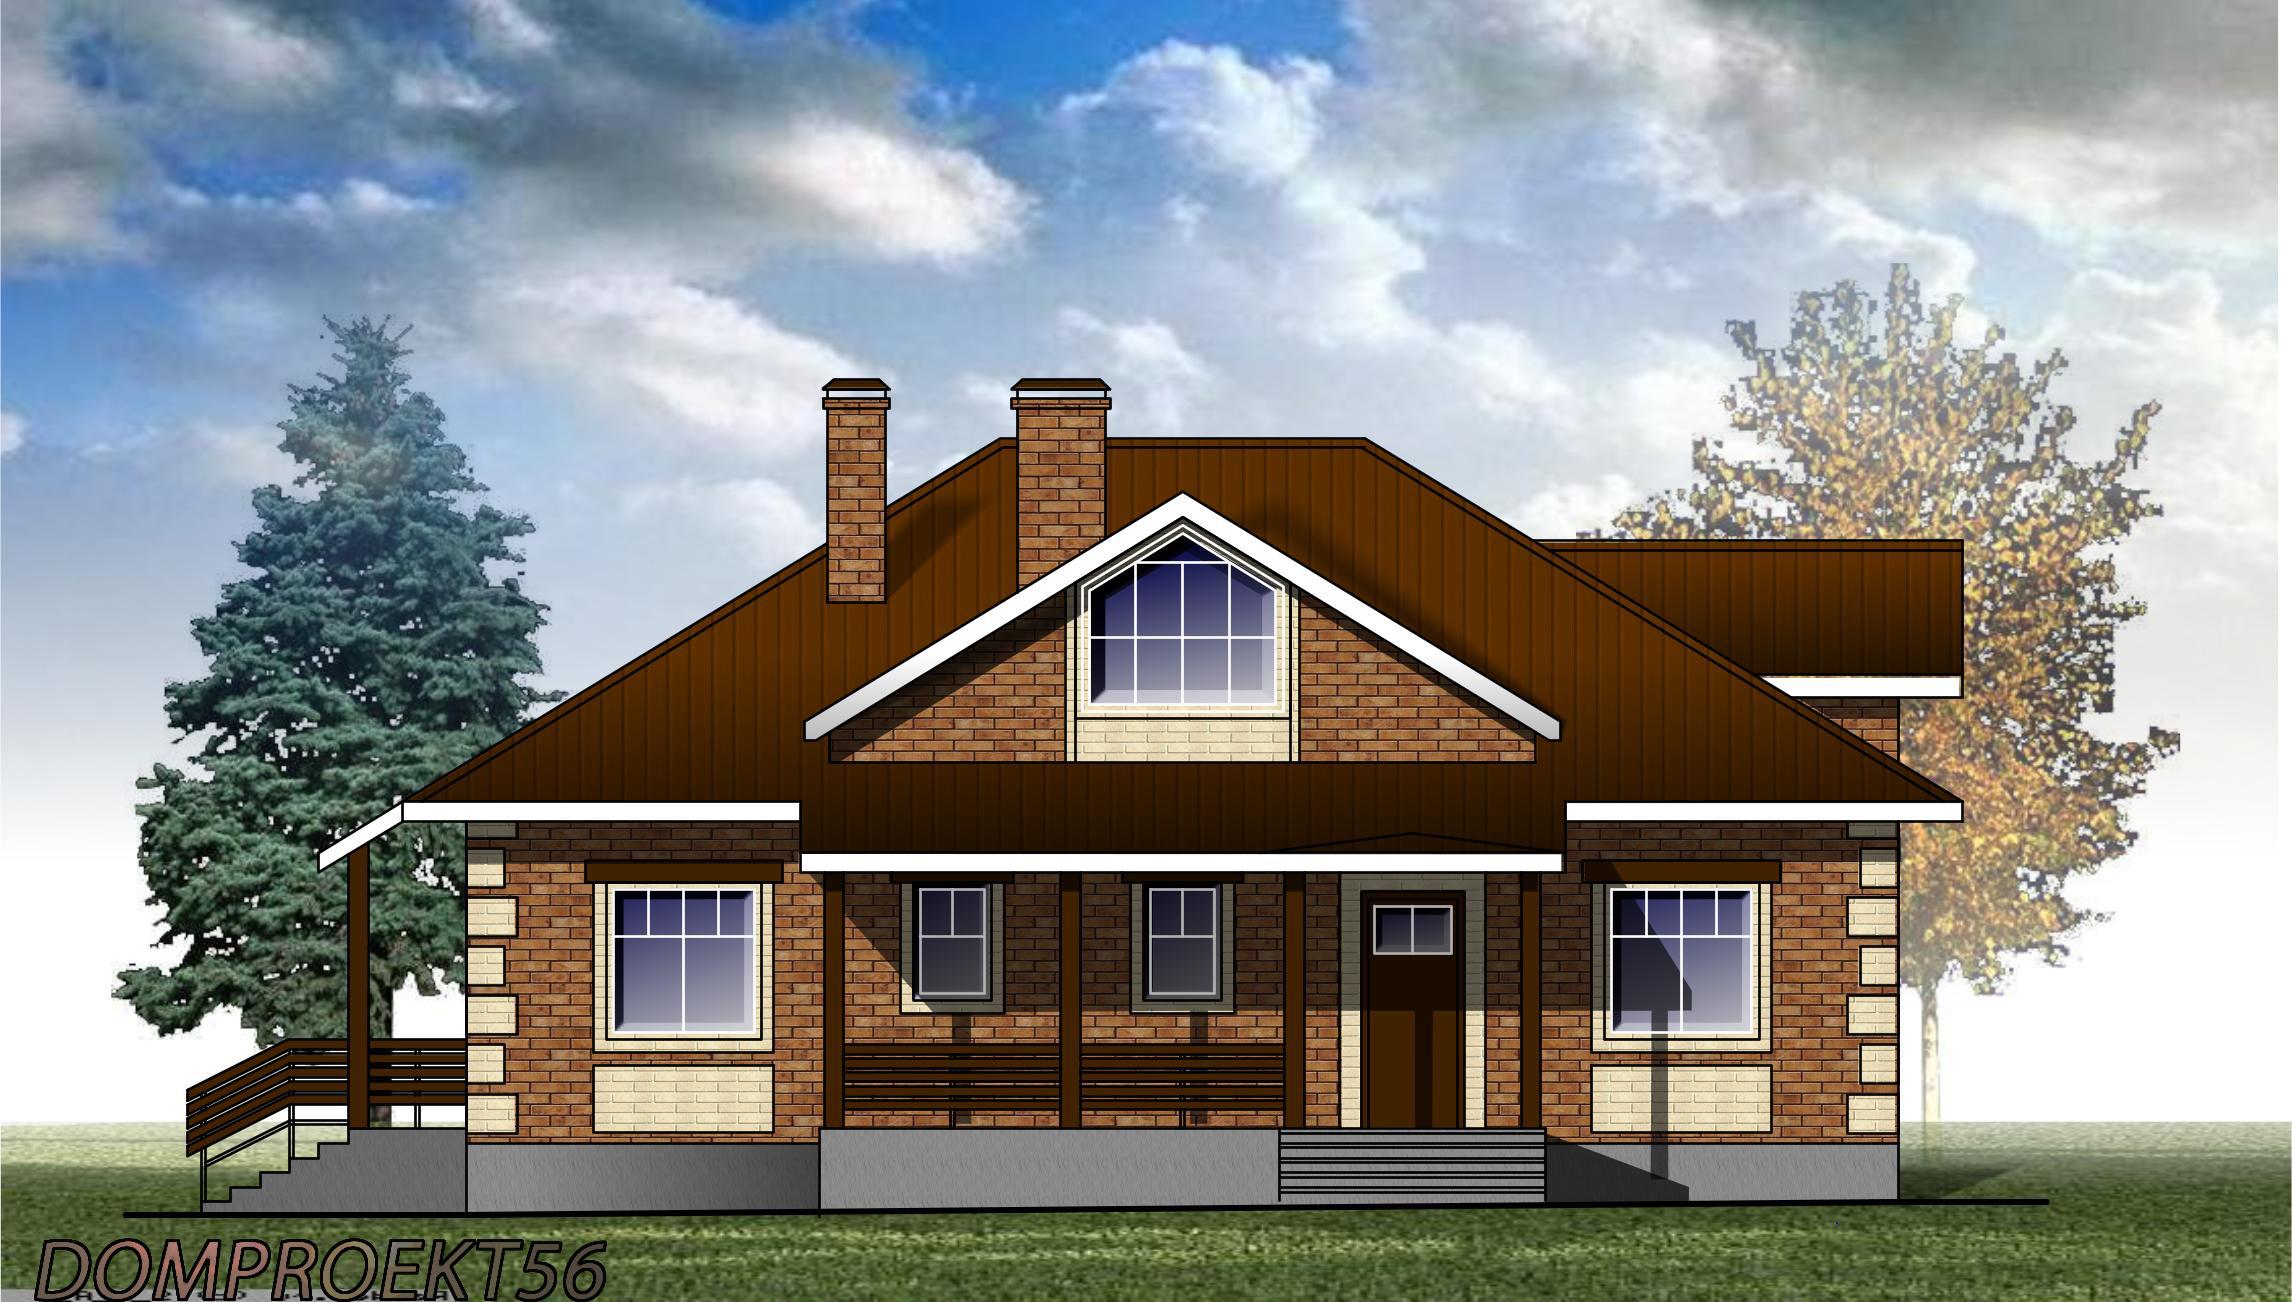 Одноэтажный дом площадью 120 кв.м.  Проект 20-12